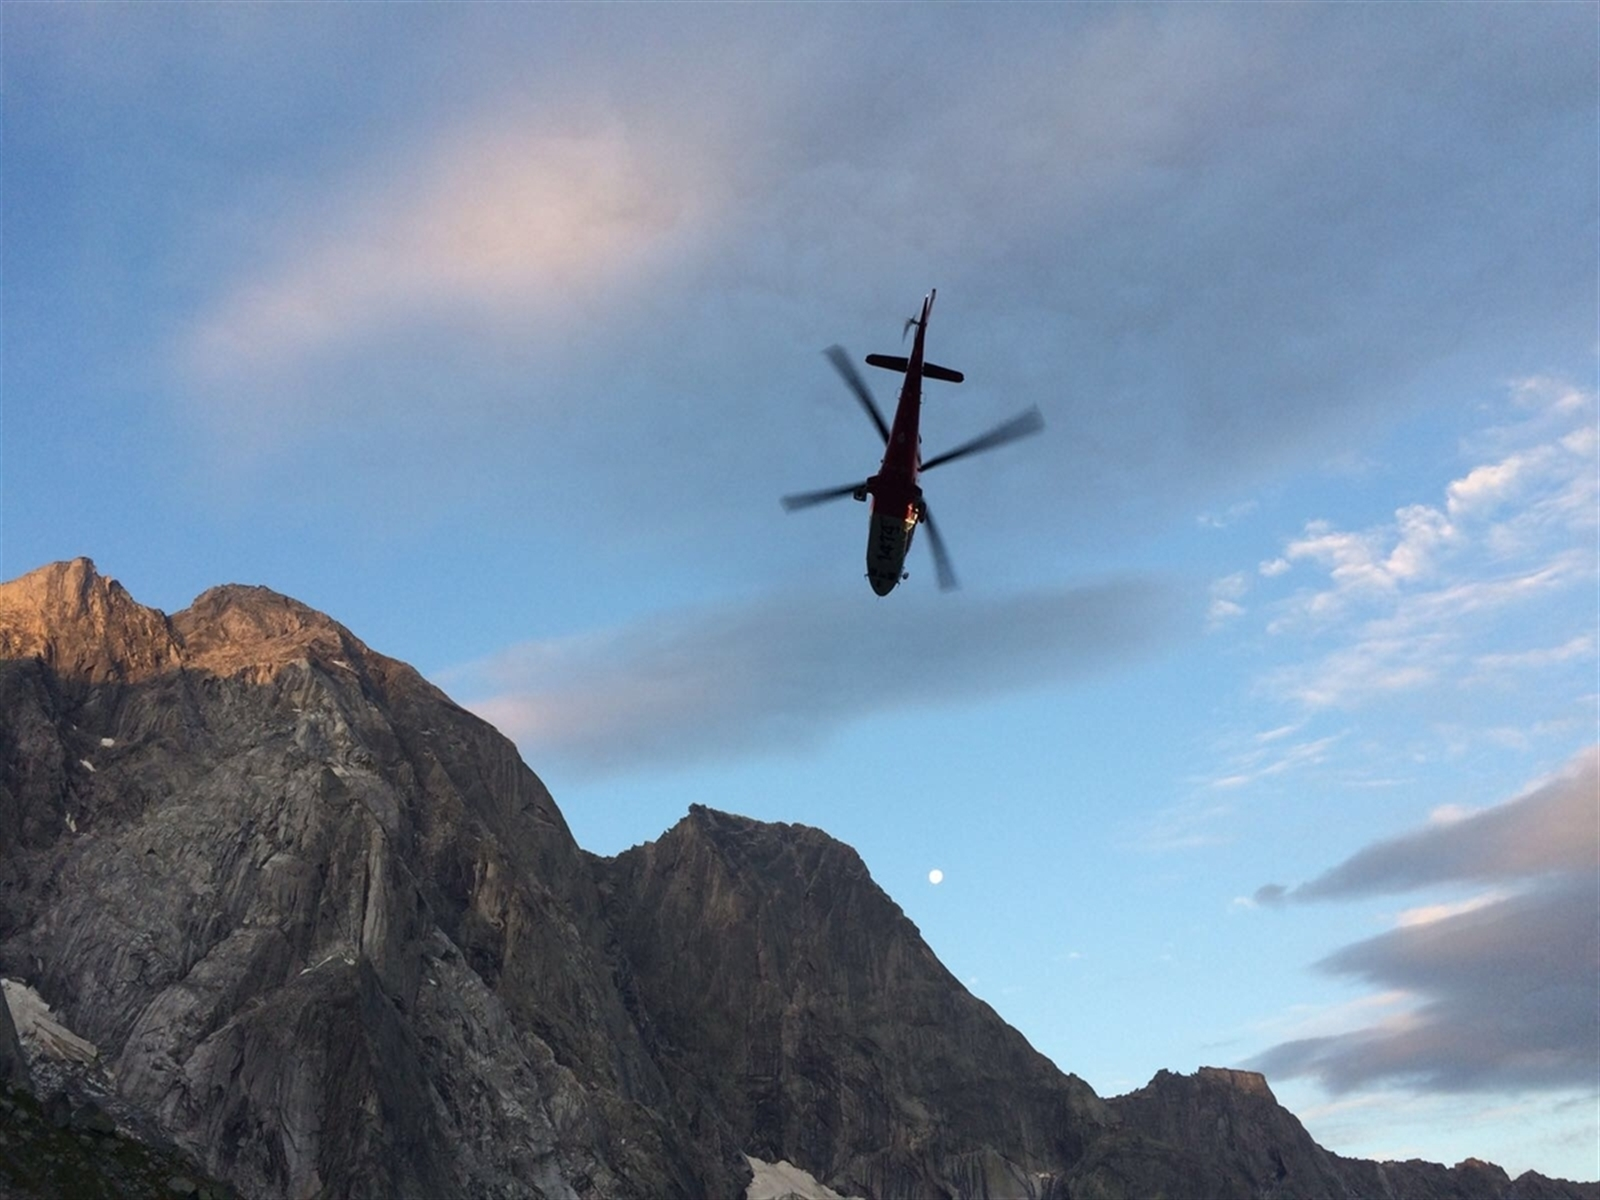 Der Polizeiflugdienst koordiniert Einsätze aus der Luft, beobachtet und klärt auf. Auch verkehrspolizeiliche Aktionen unterstützt der Flugdienst mit dem Helikopter. (Bildquelle: Kapo Graubünden)